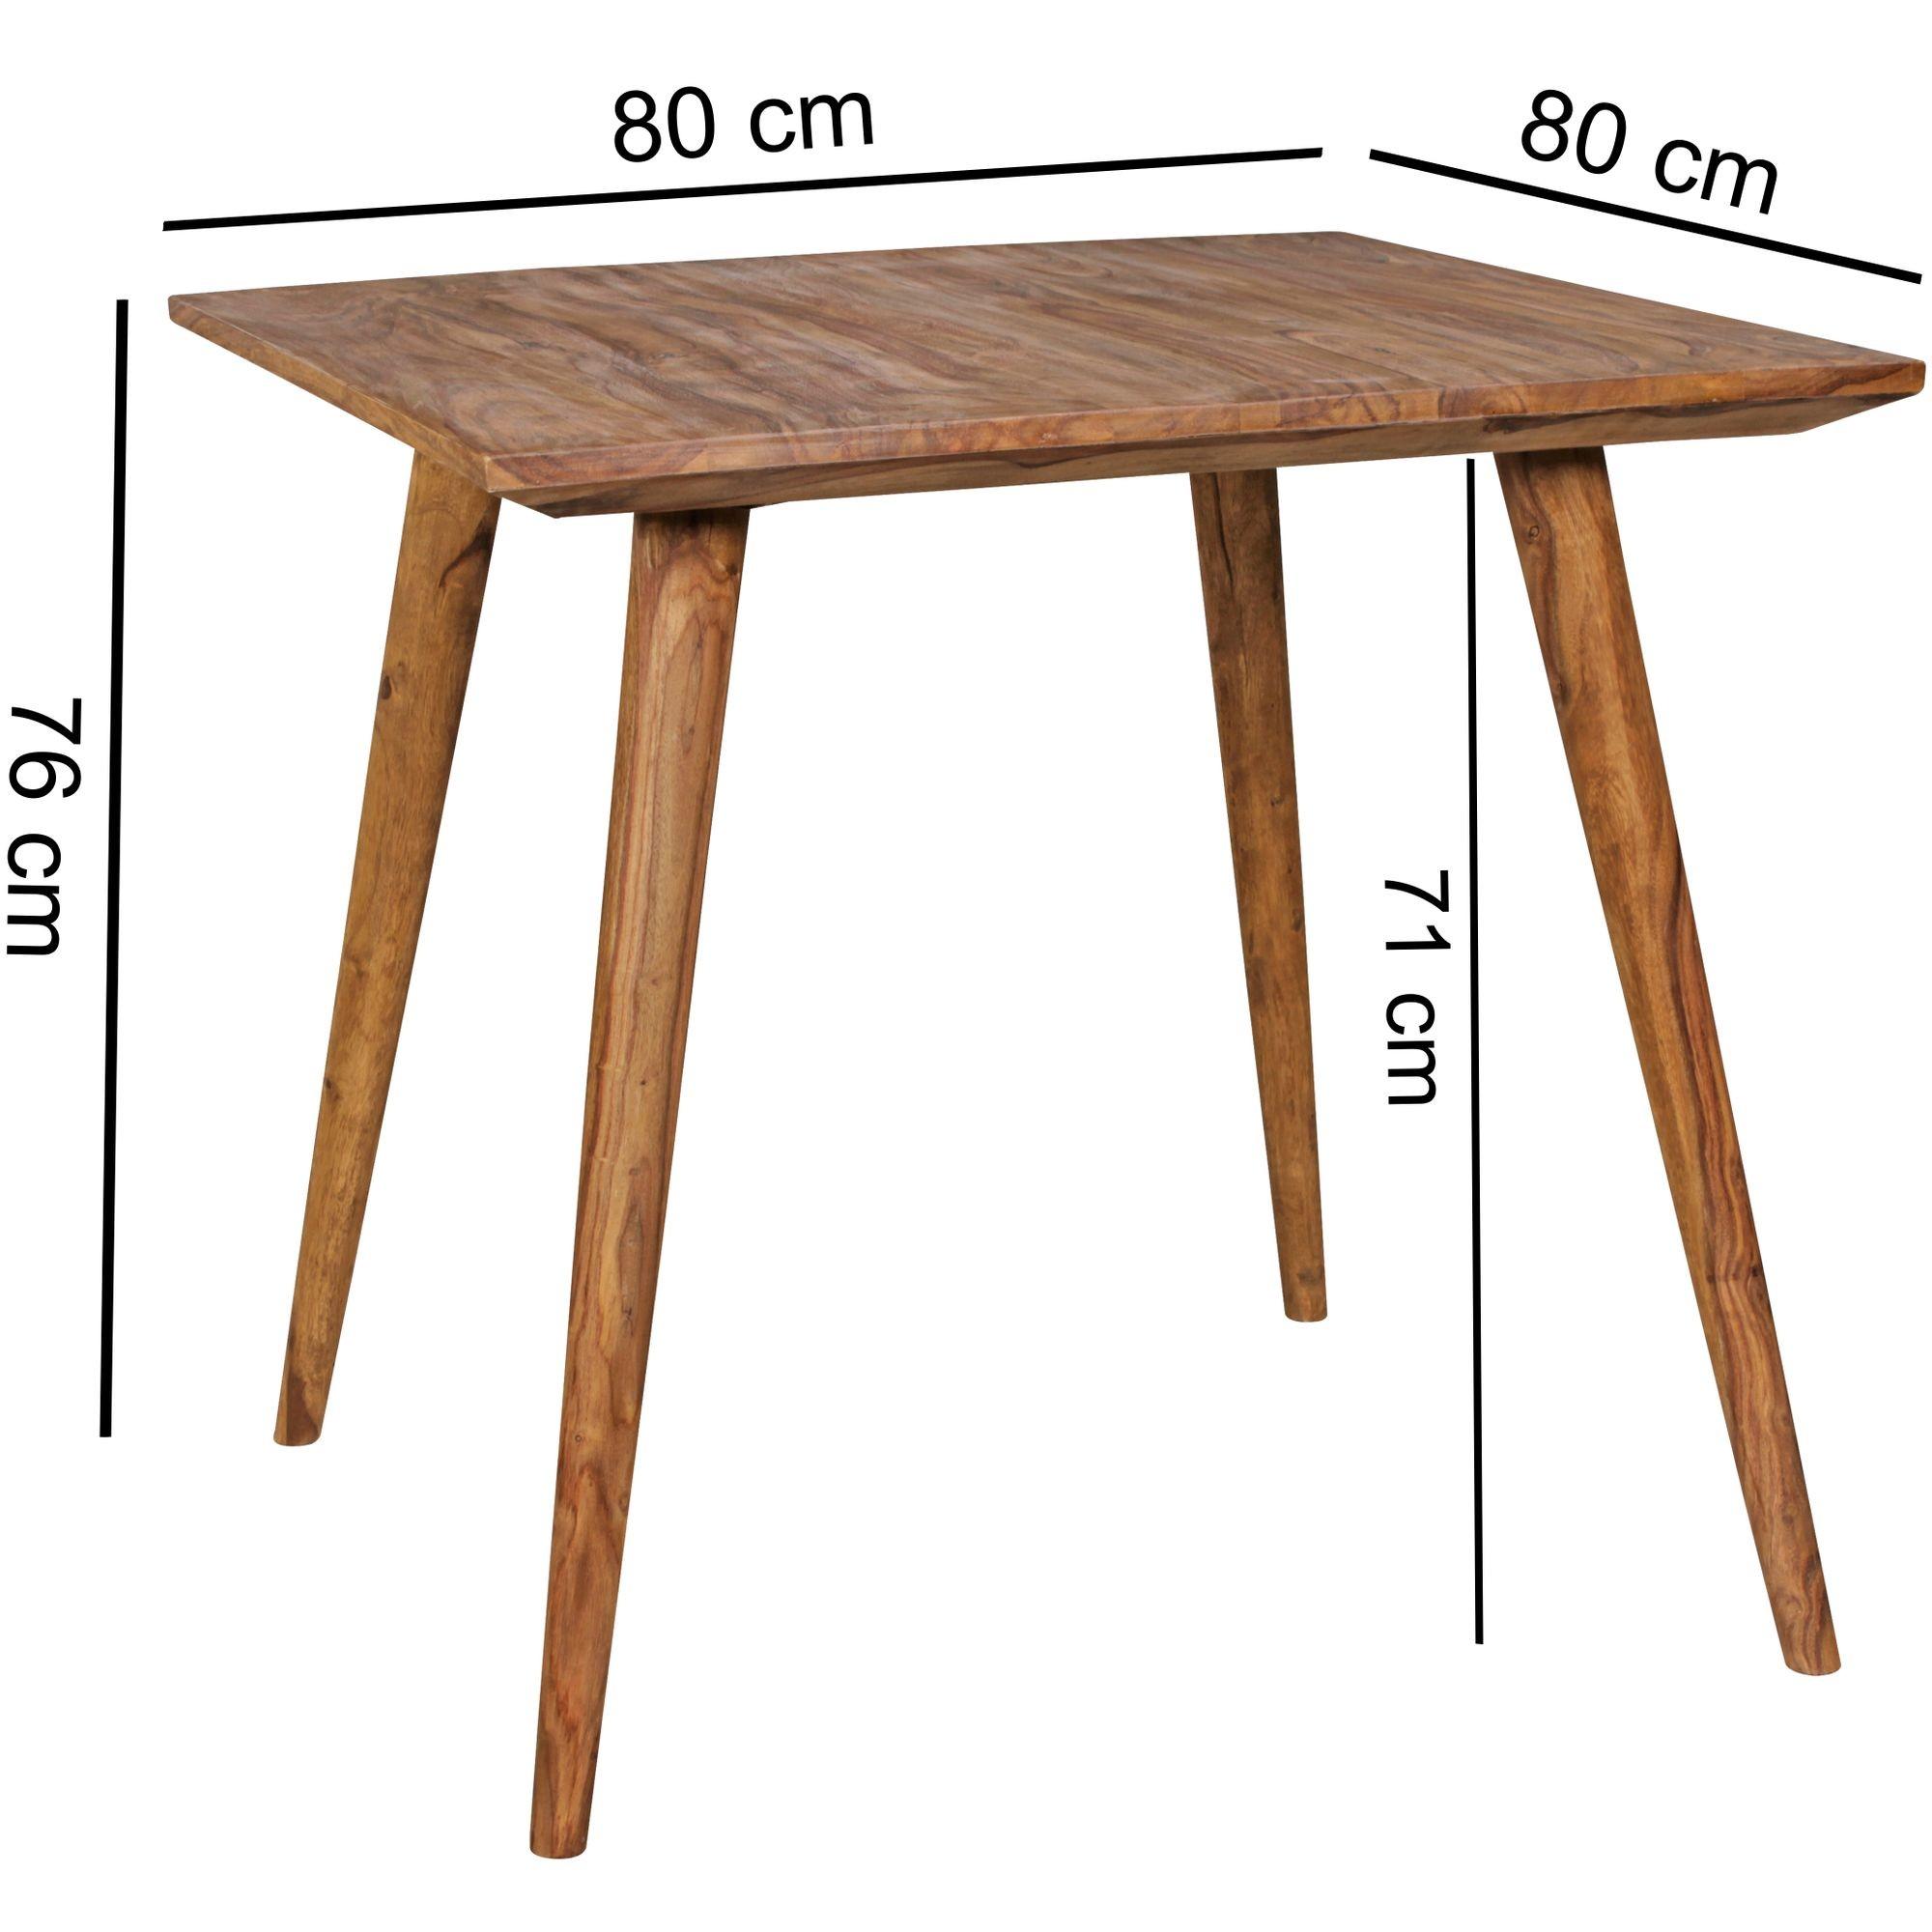 esszimmertisch 80 x 80 x 76 cm sheesham rustikal massiv holz design landhaus esstisch tisch fur esszimmer quadratisch 4 personen